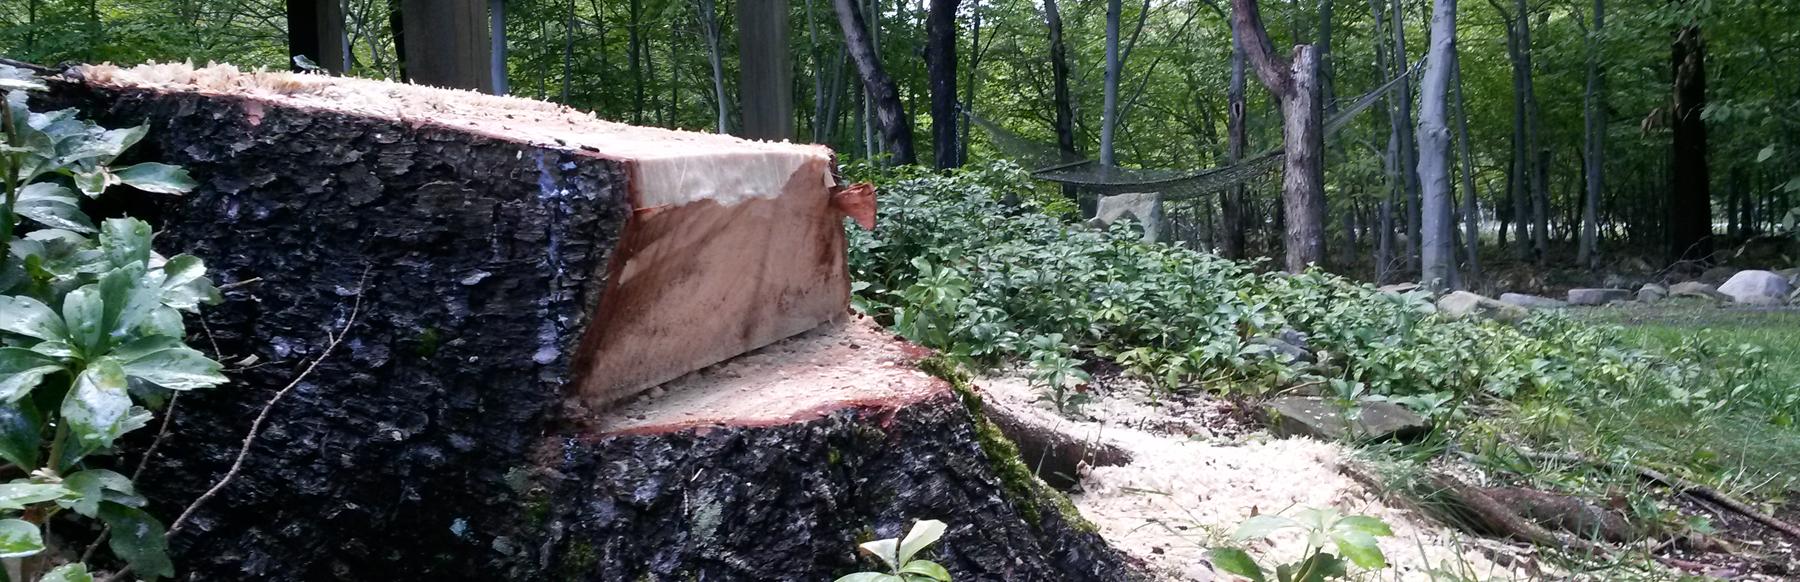 Tree Removal - Tobyhanna PA